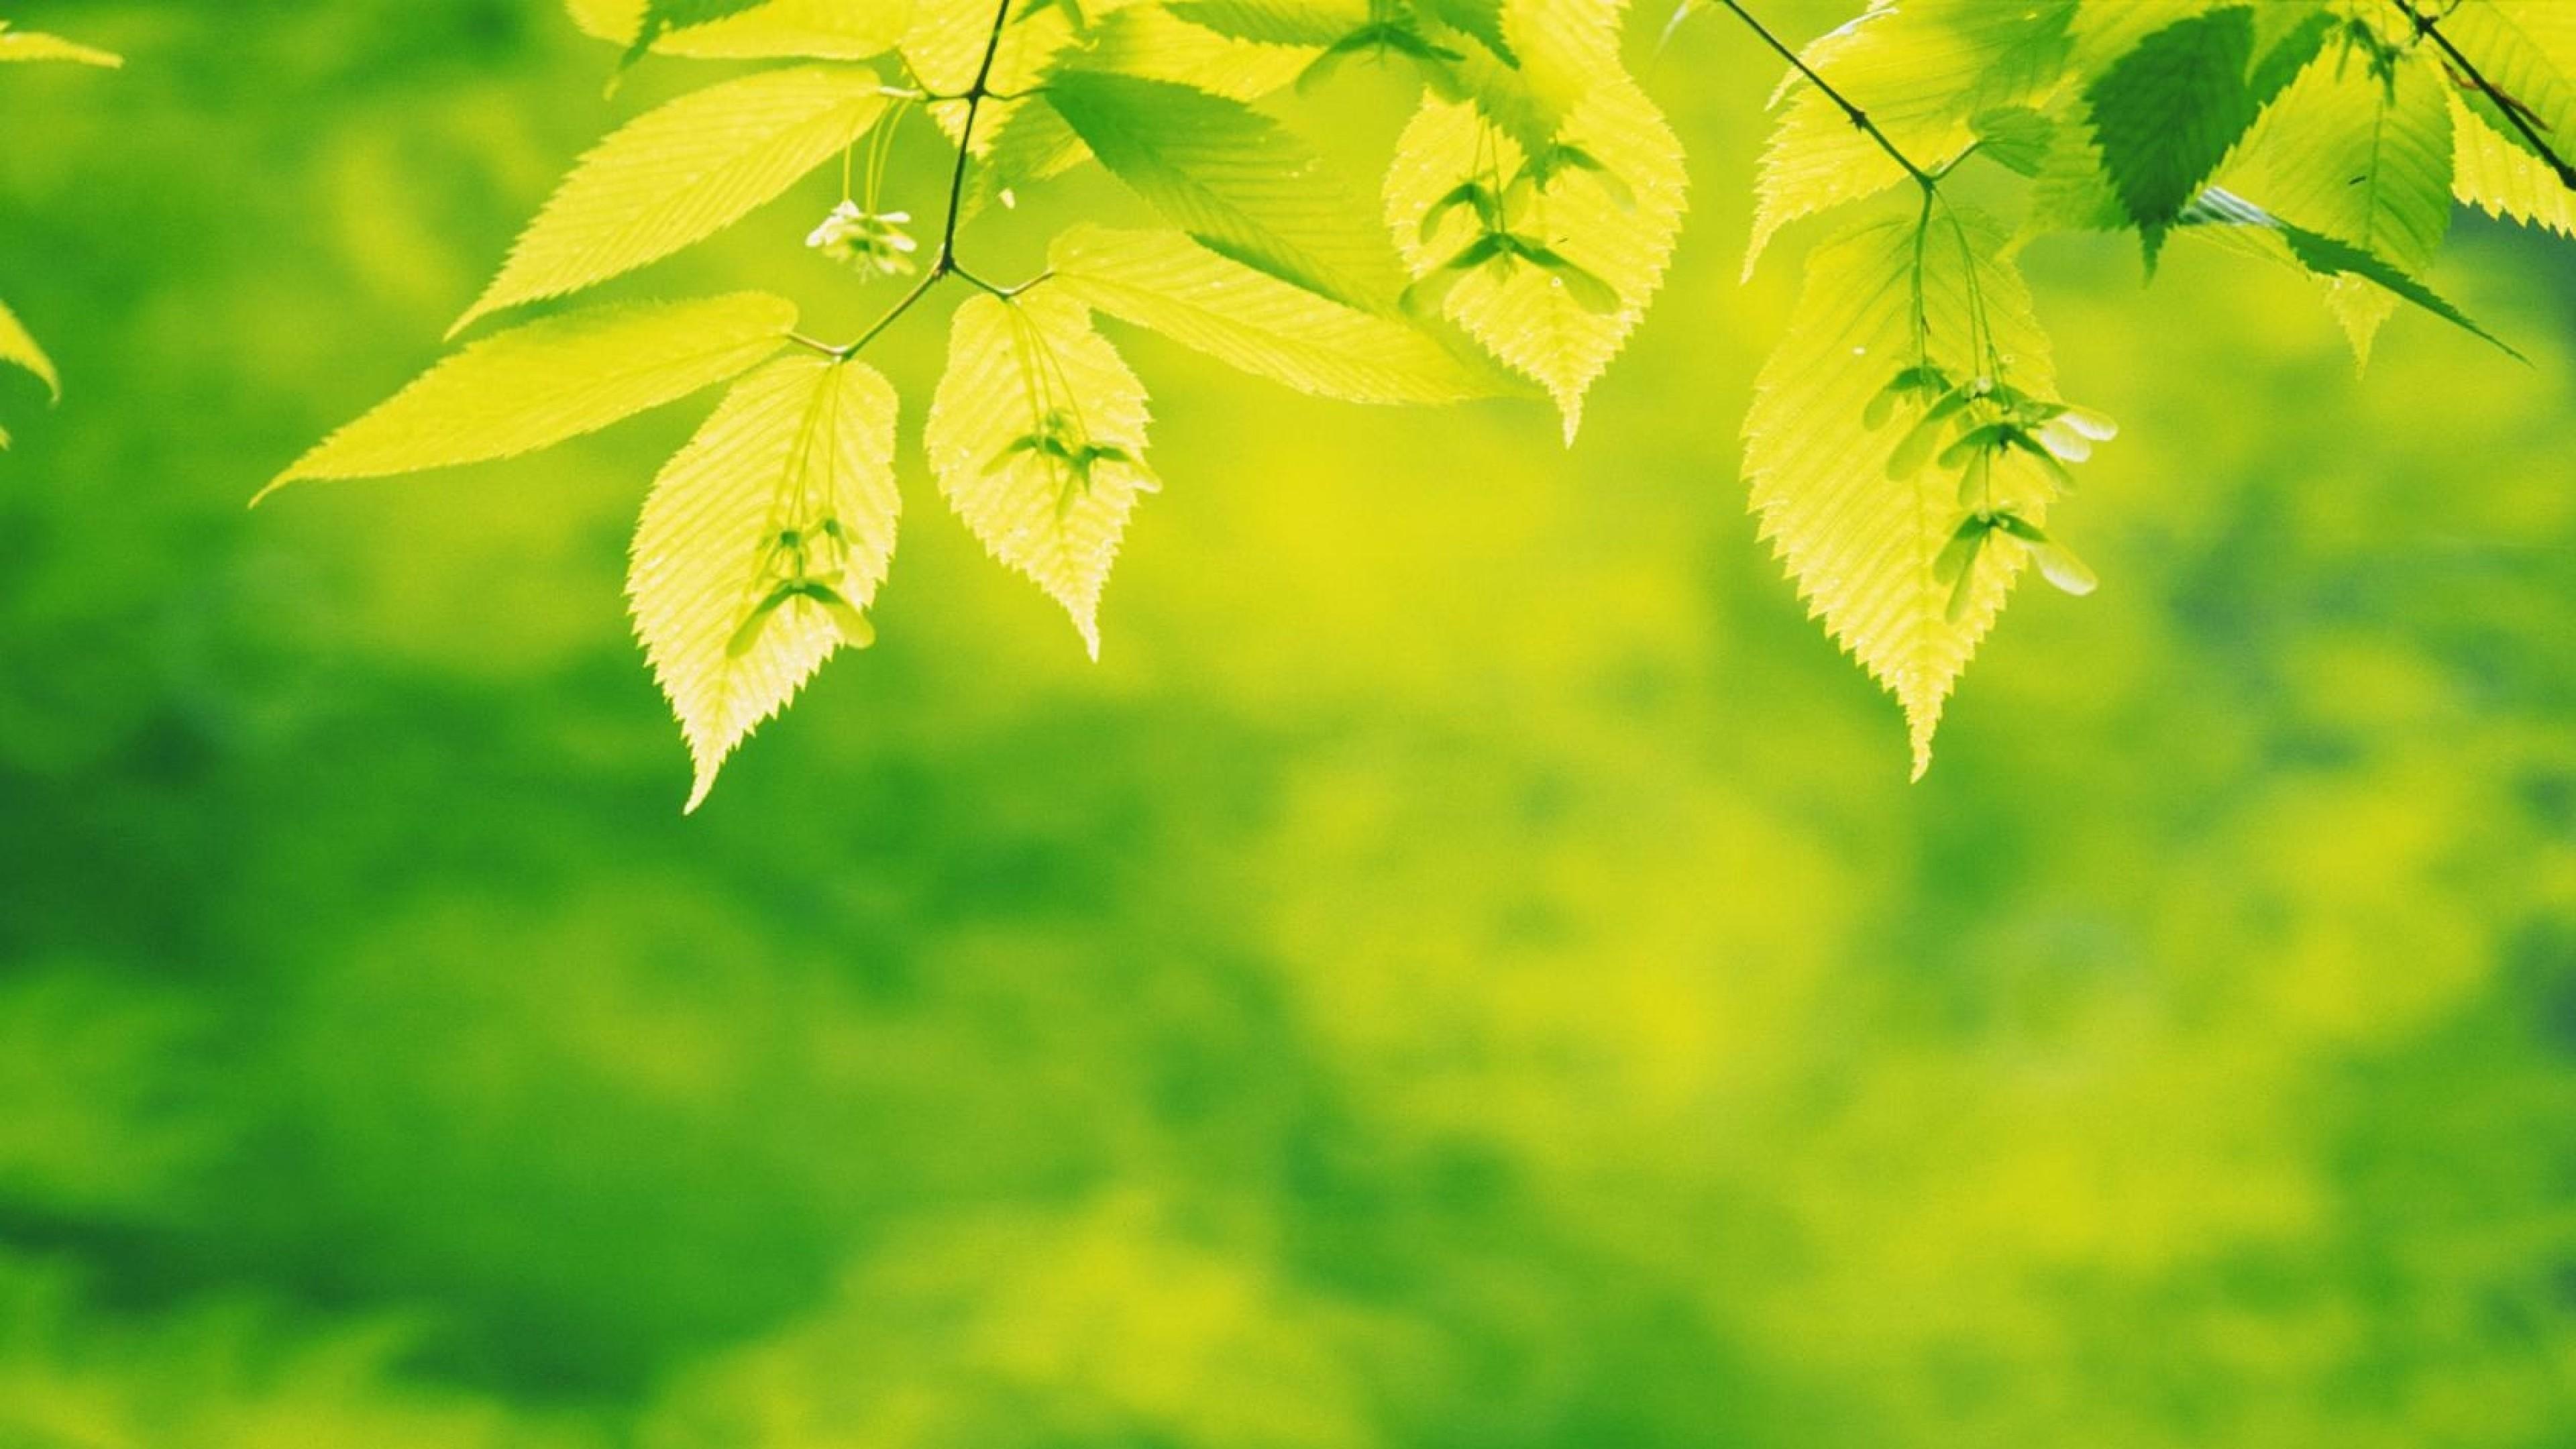 Wallpaper leaves, carved, light, green